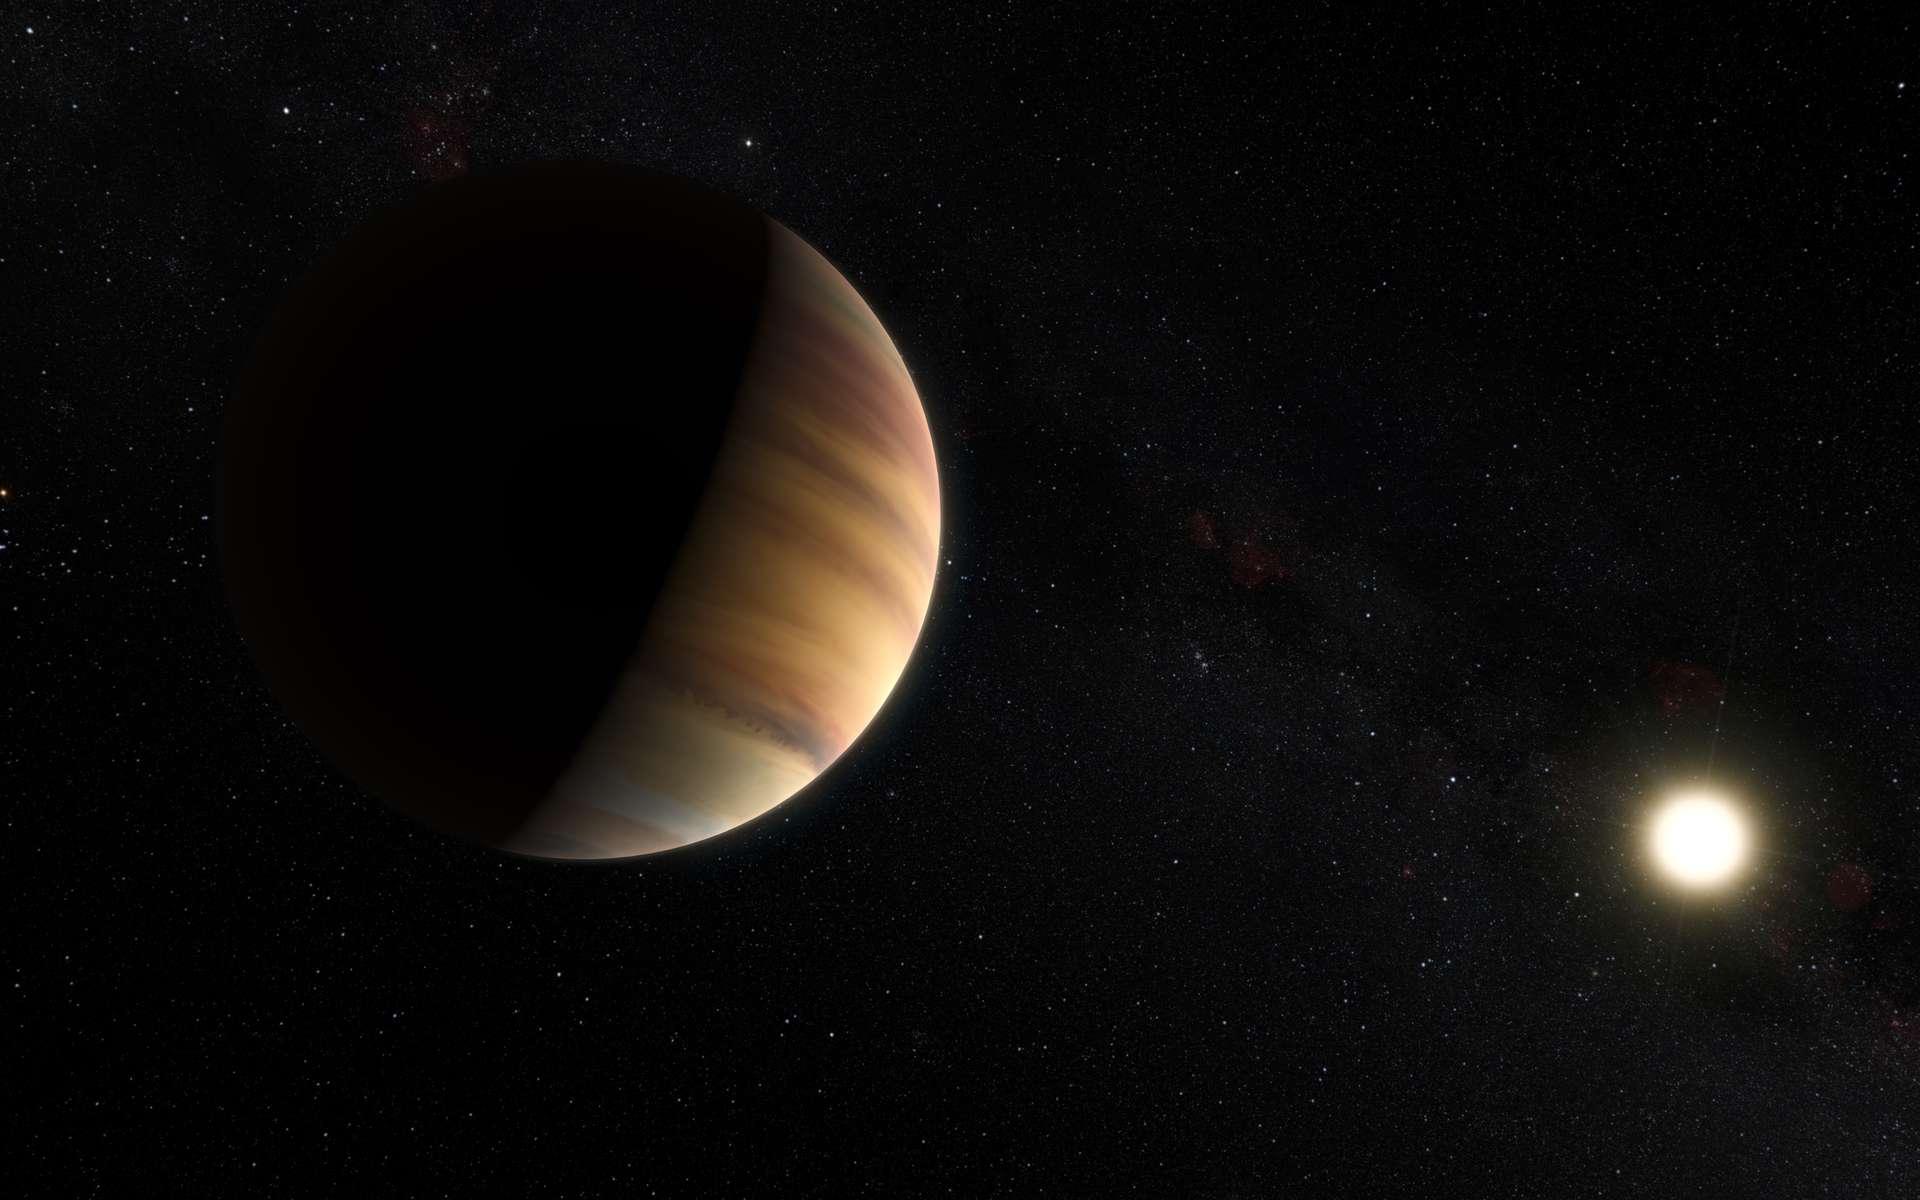 Vue d'artiste de 51 Pegasi b alias Dimidium. Il s'agit de la toute première exoplanète découverte autour d'une étoile ordinaire, en l'occurrence un soleil visible à l'œil nu dans la constellation de Pégase, à quelque 50 années-lumière de la Terre. En orbite très rapprochée, elle fut le premier cas détecté de Jupiter chaud. © Eso, M. Kornmesser, Nick Risinger (skysurvey.org)